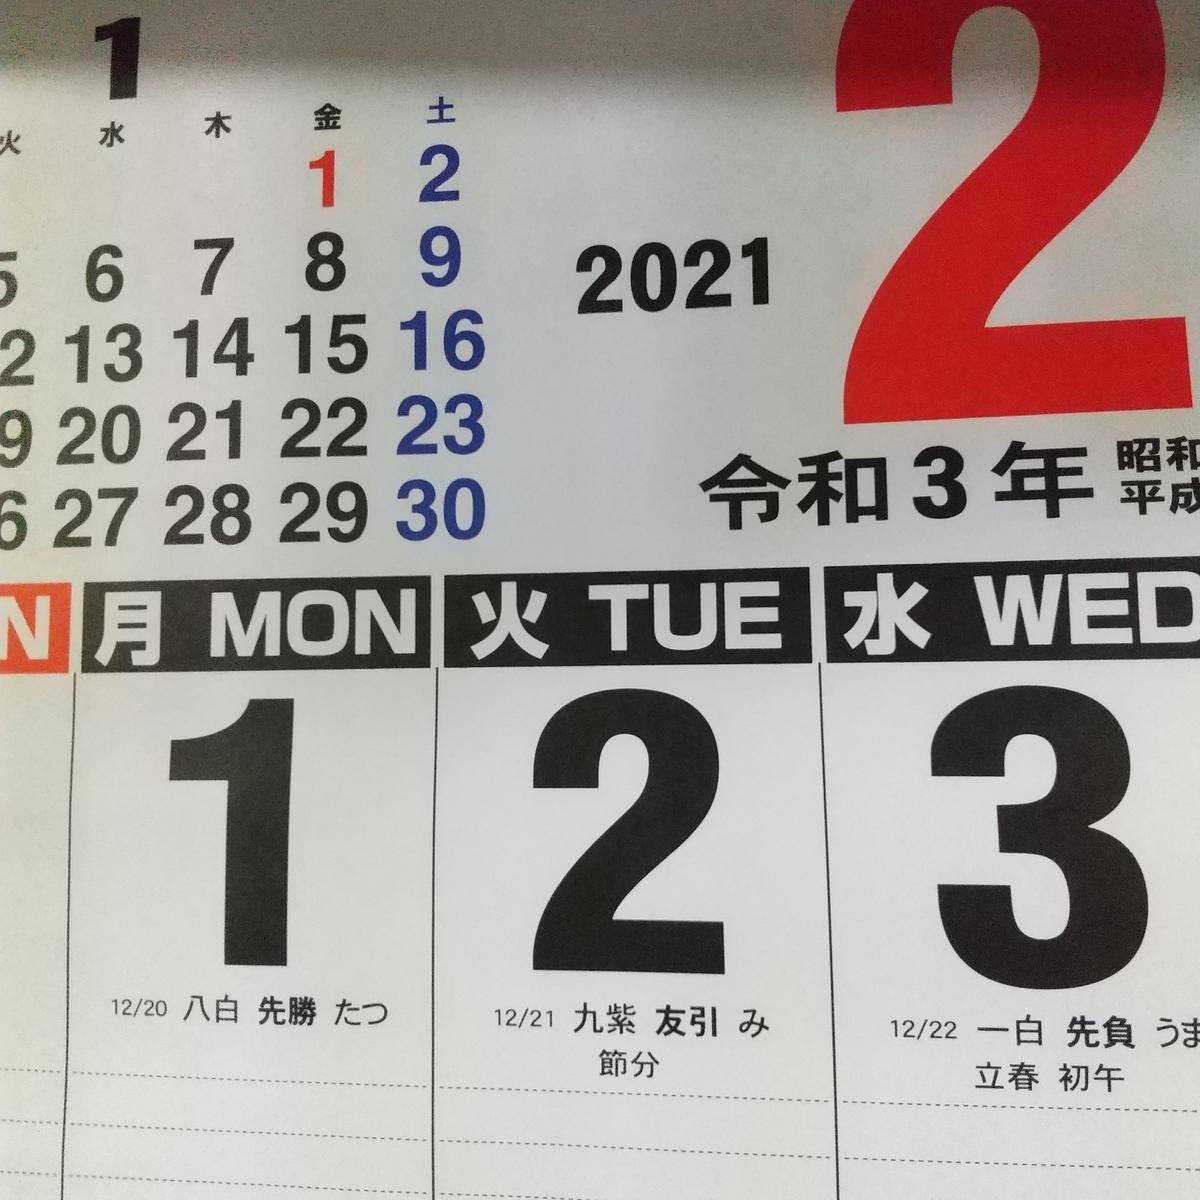 f:id:MUJI:20201213201203j:plain